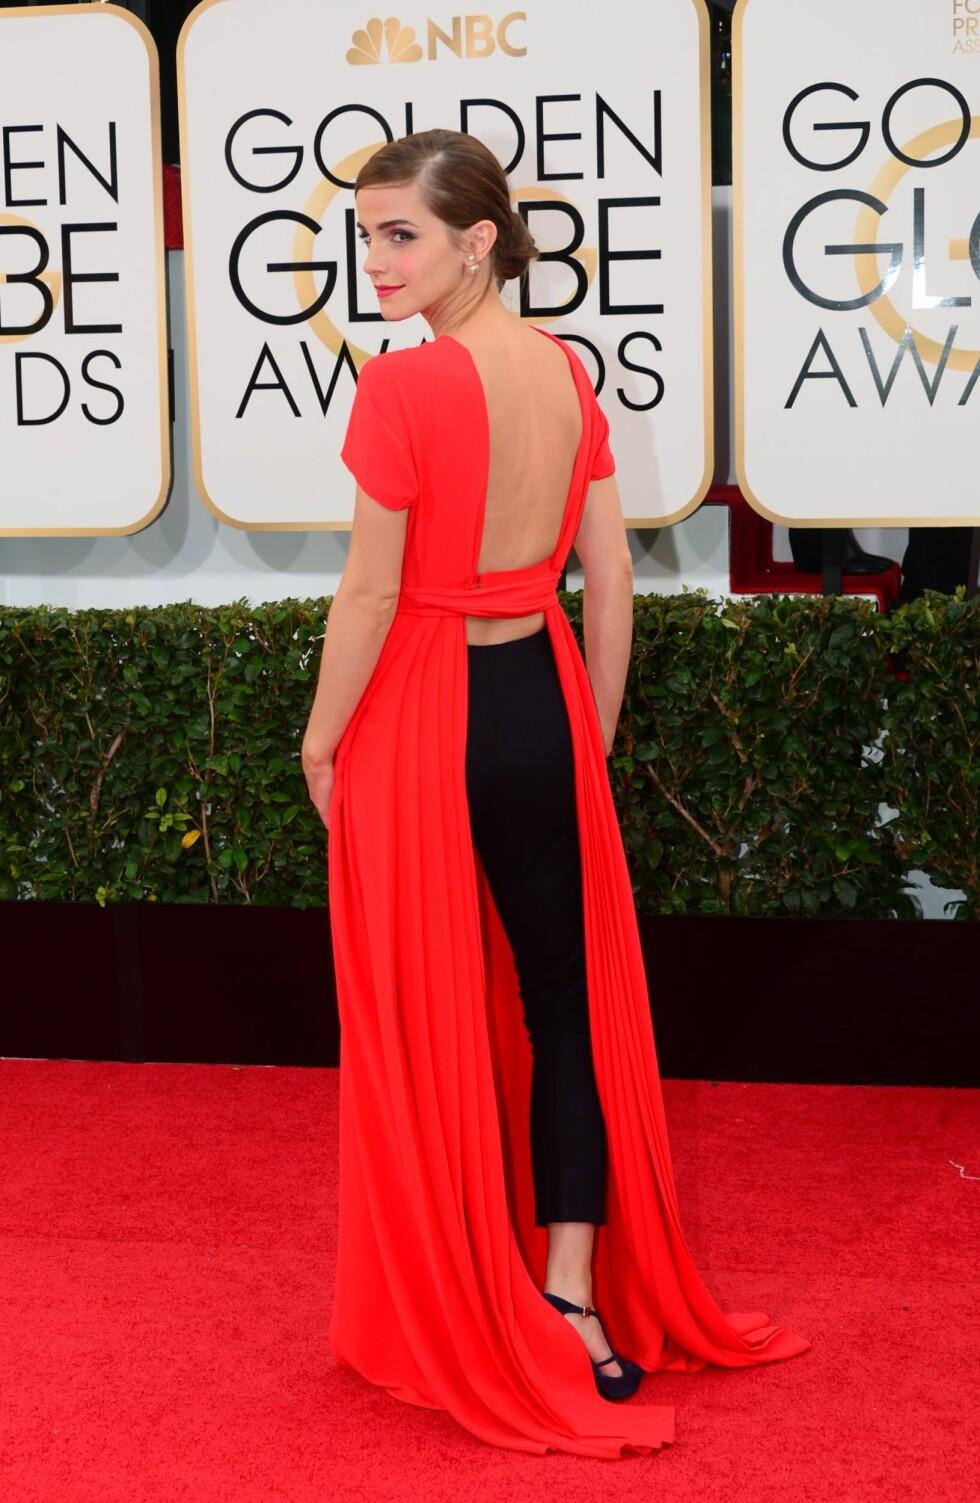 TOK PÅ SEG DET SAMME: Under Golden Globes i 2014 (avbildet) hadde Emma Watson på seg en kjole over et par bukser. Hun gikk for den samme stilen under middagen i Det Hvite Hus. Foto: Afp